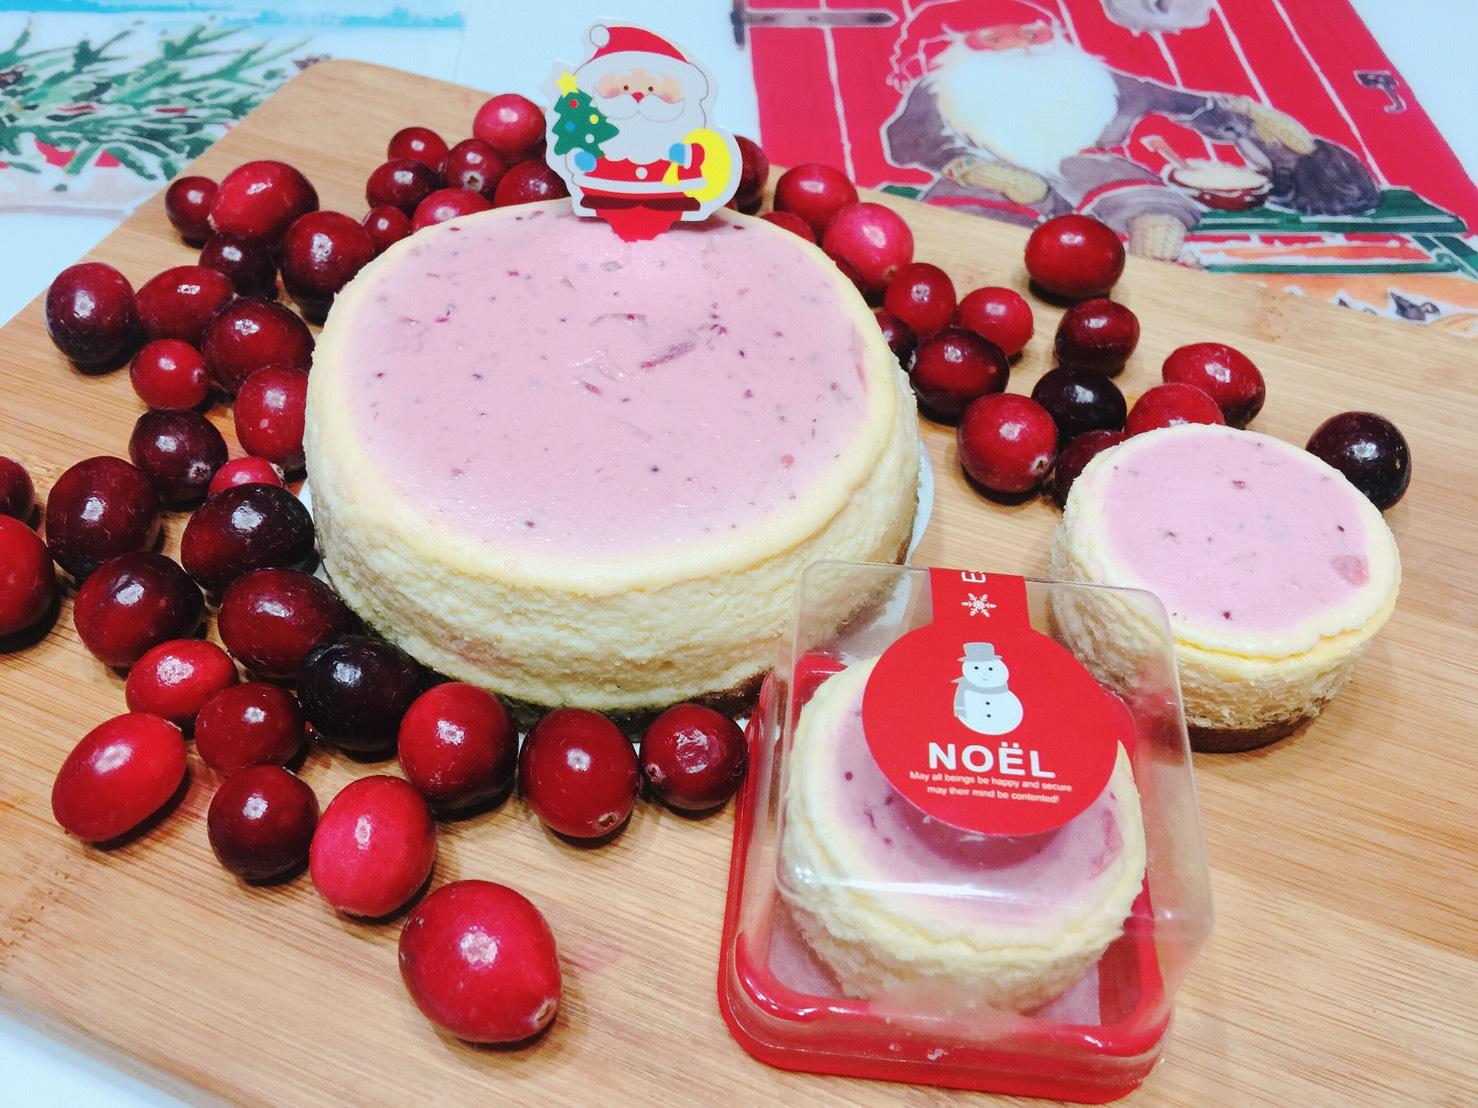 【聖誕限定】Dr.Bonbons 6吋幸福蔓越莓 Cheesecake